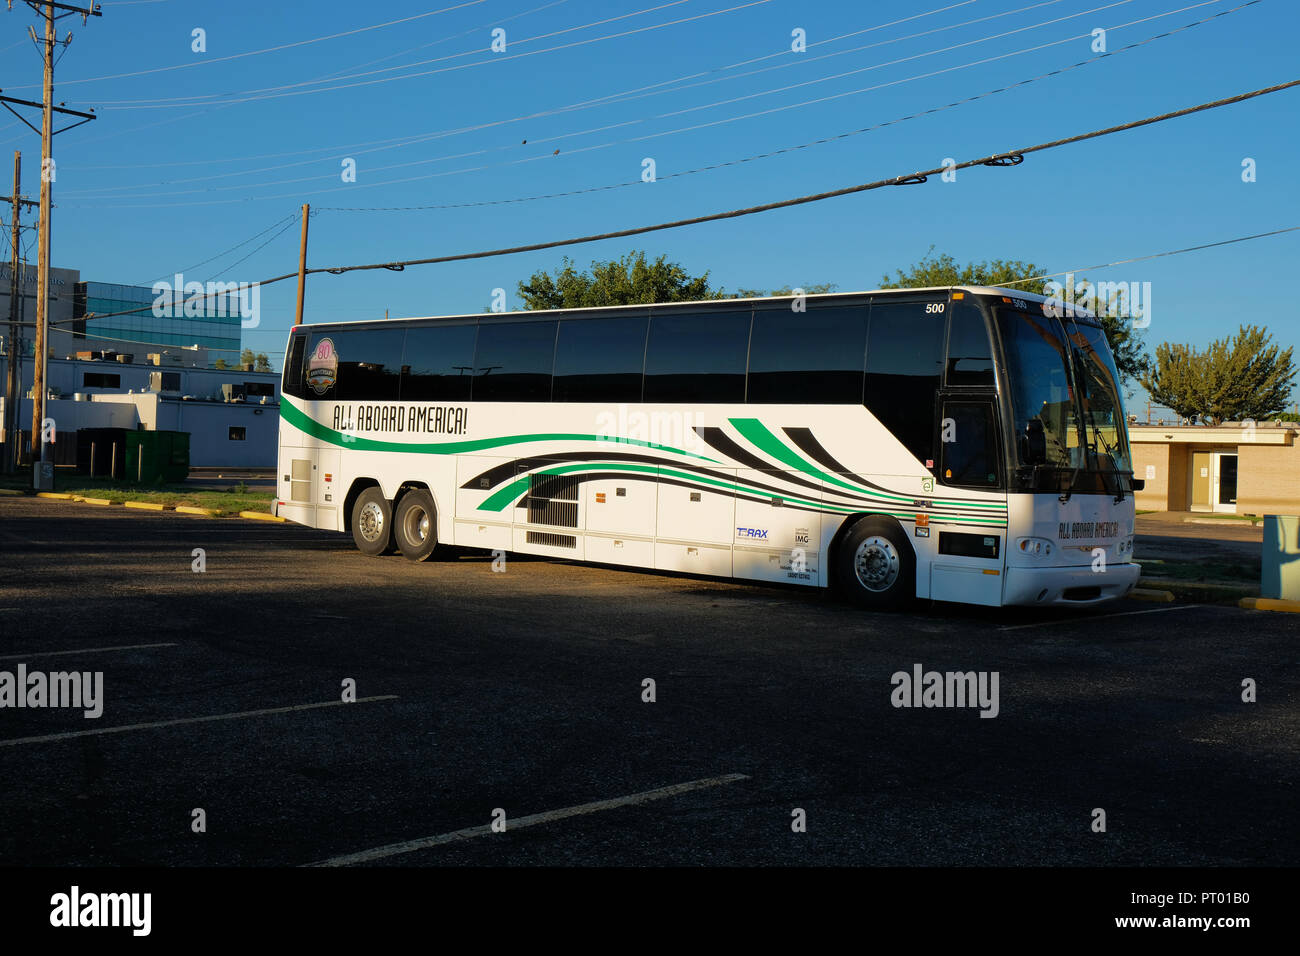 H3 Stock Photos & H3 Stock Images - Alamy